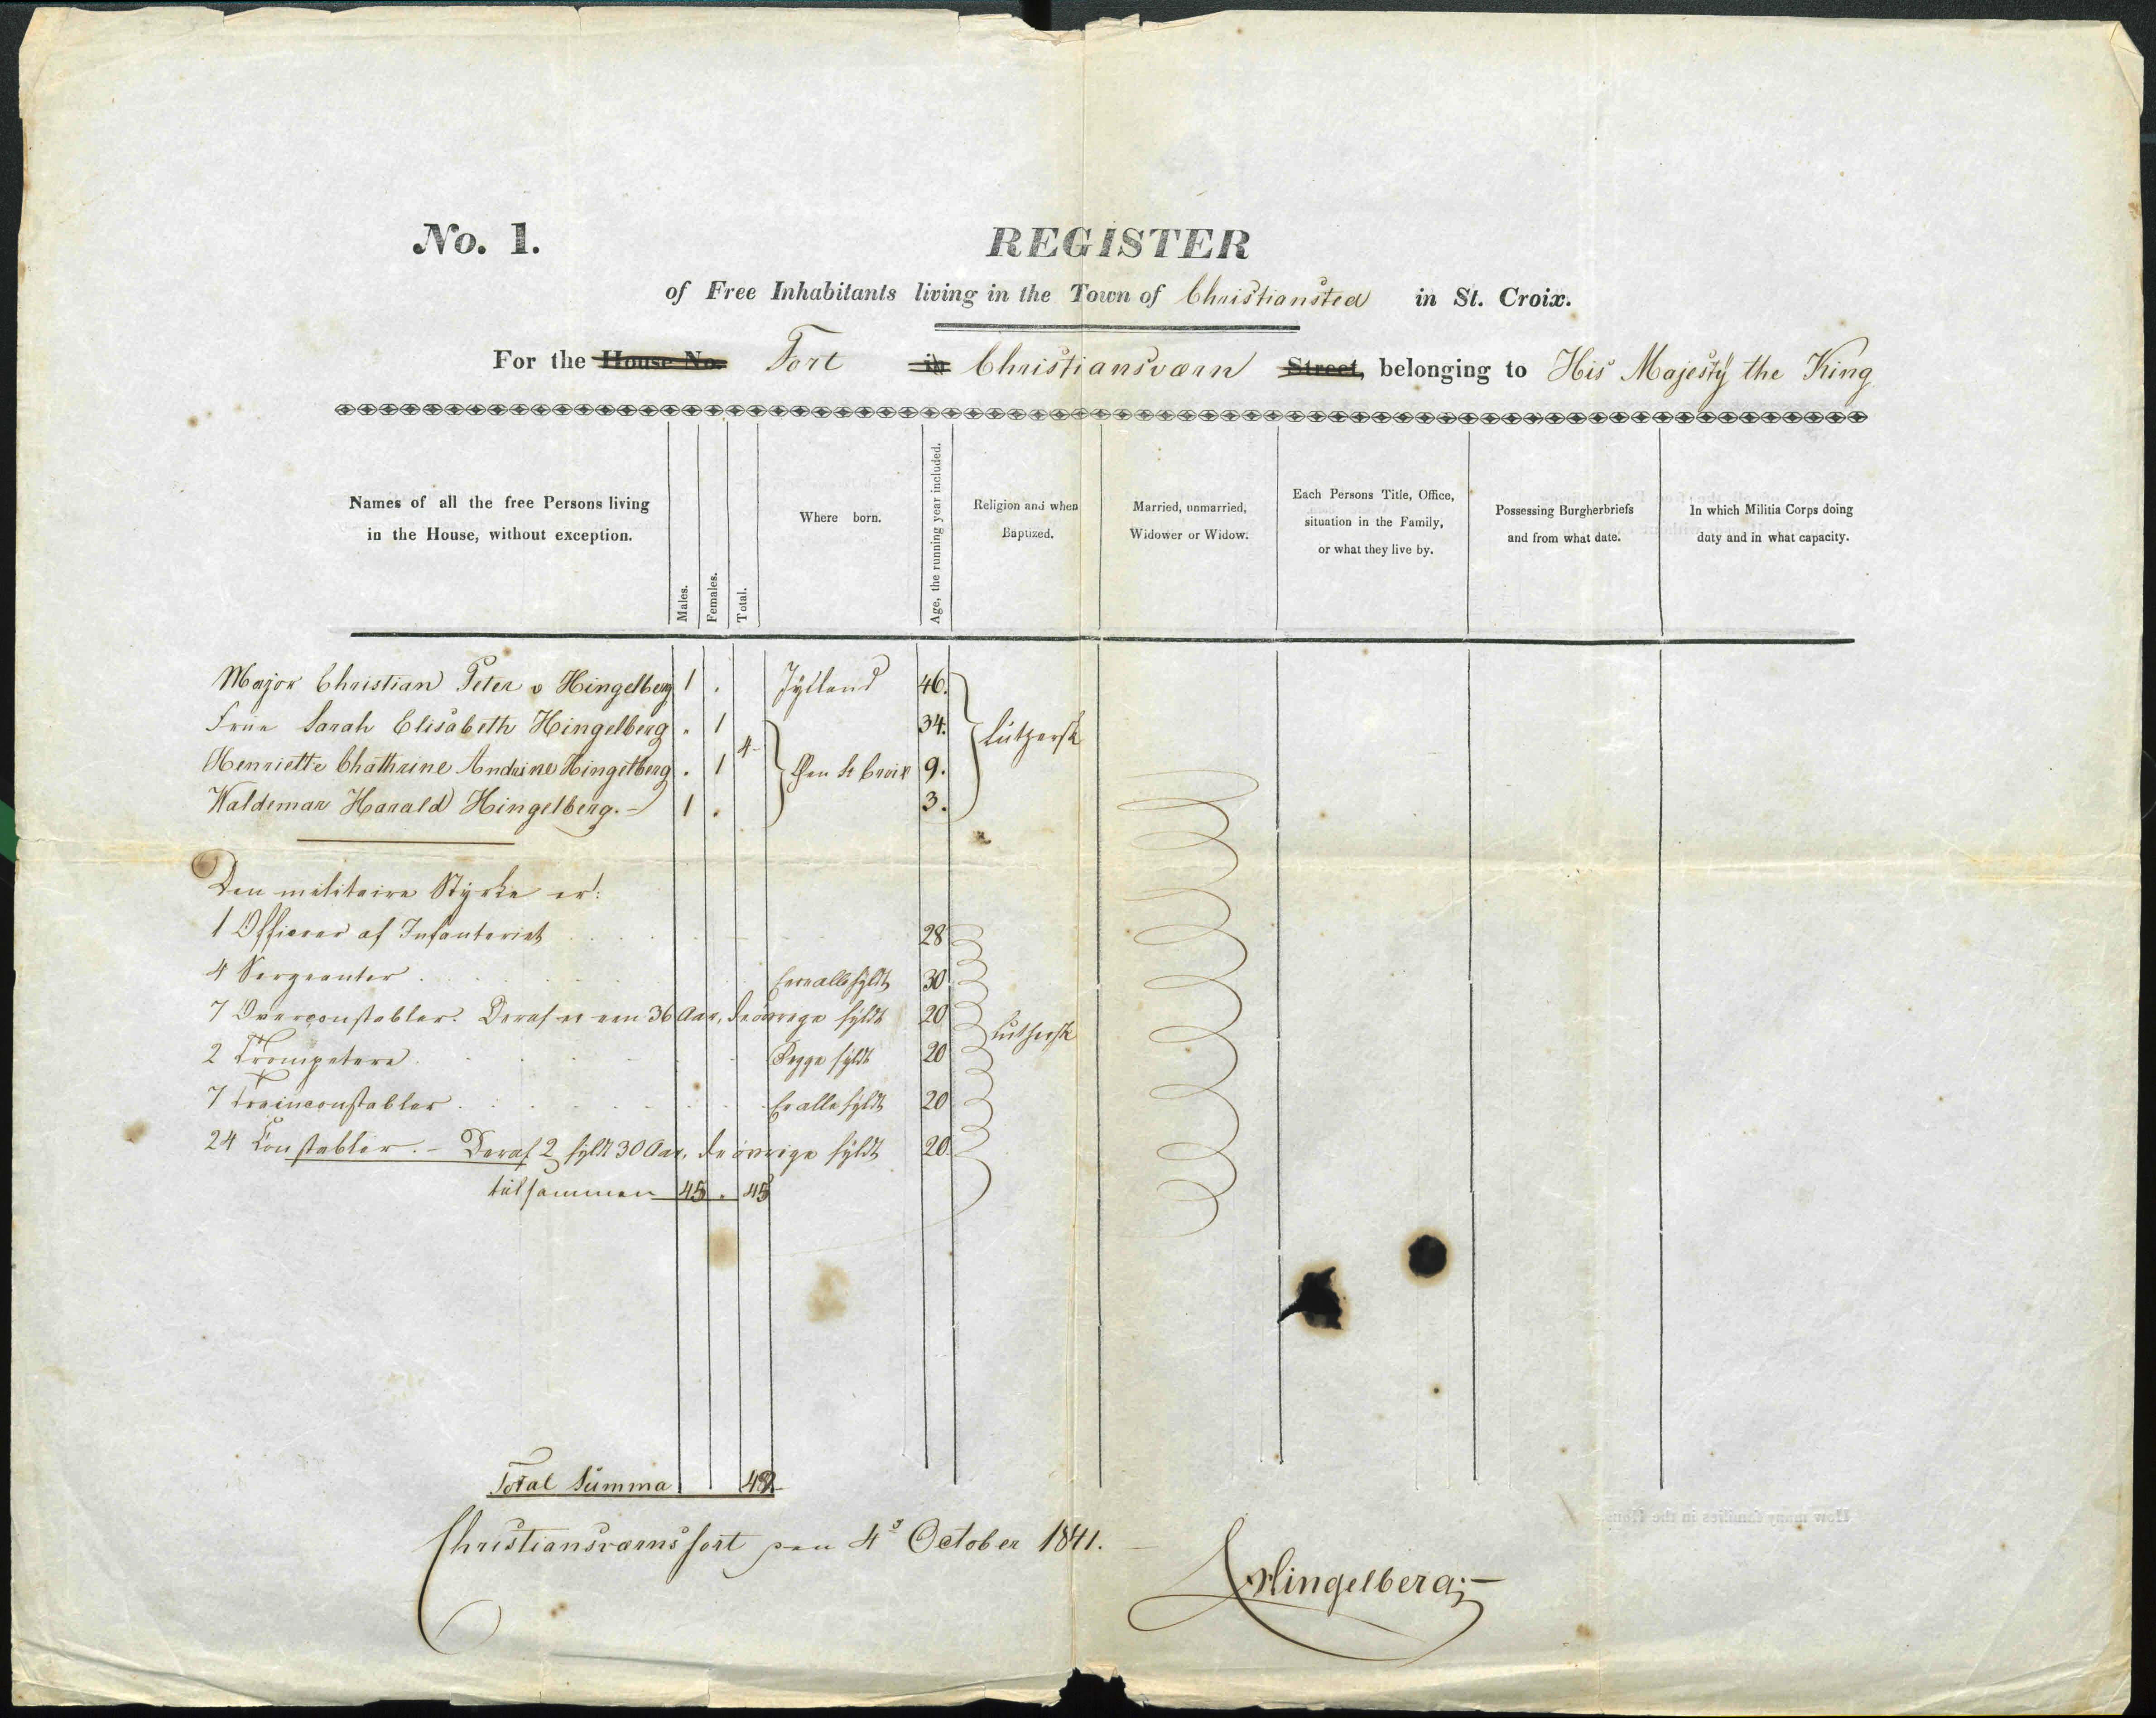 Billede af skema fra folketællingen i 1841.